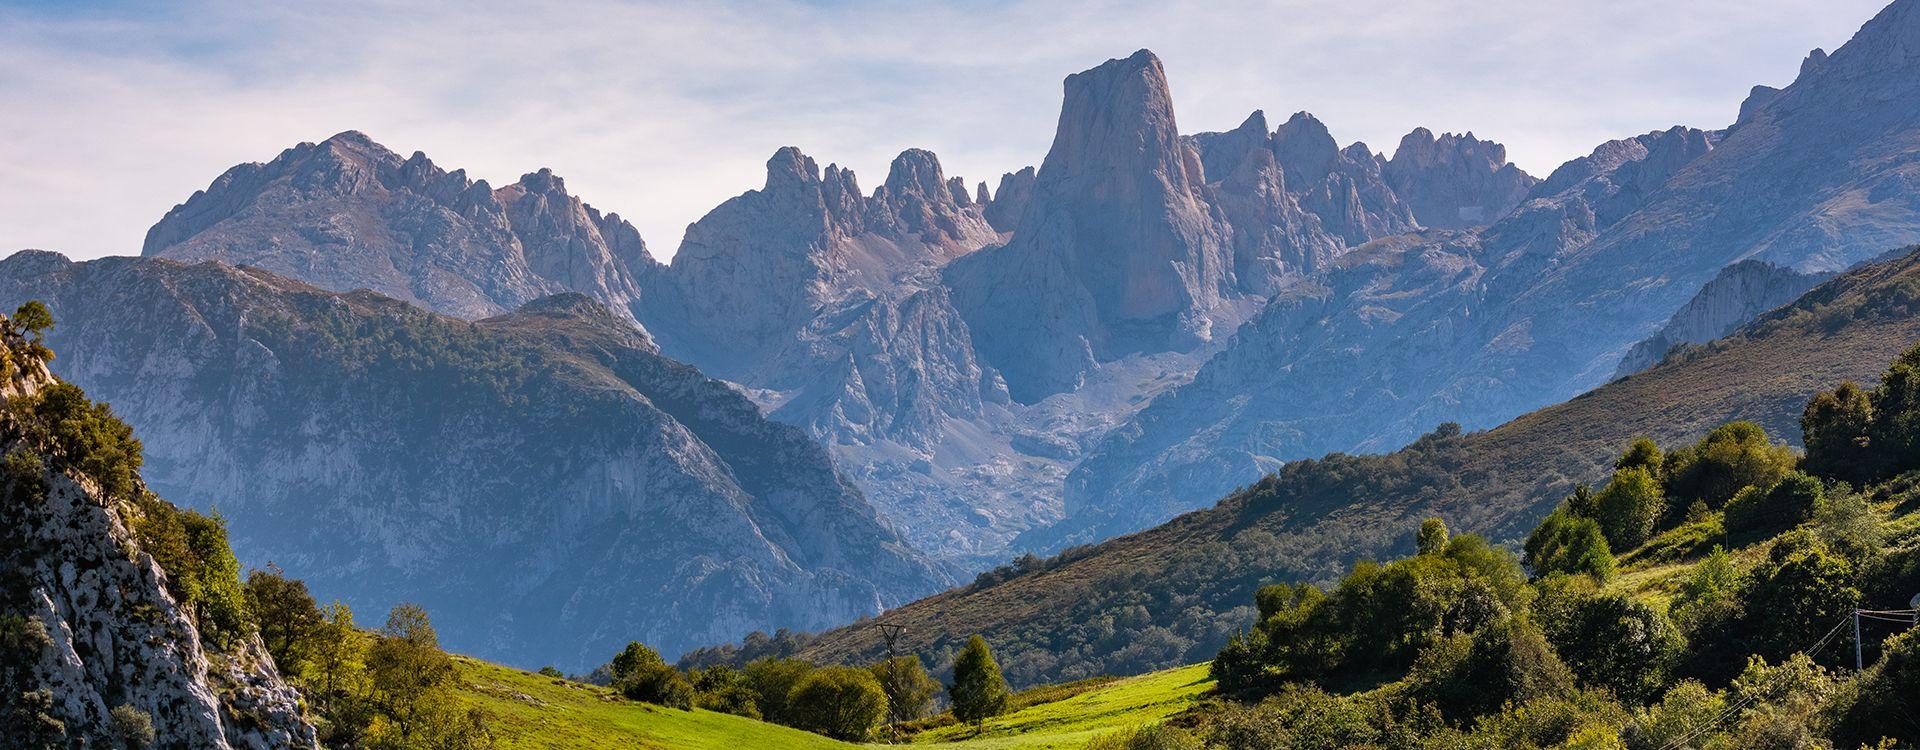 In the heart of the Picos de Europa